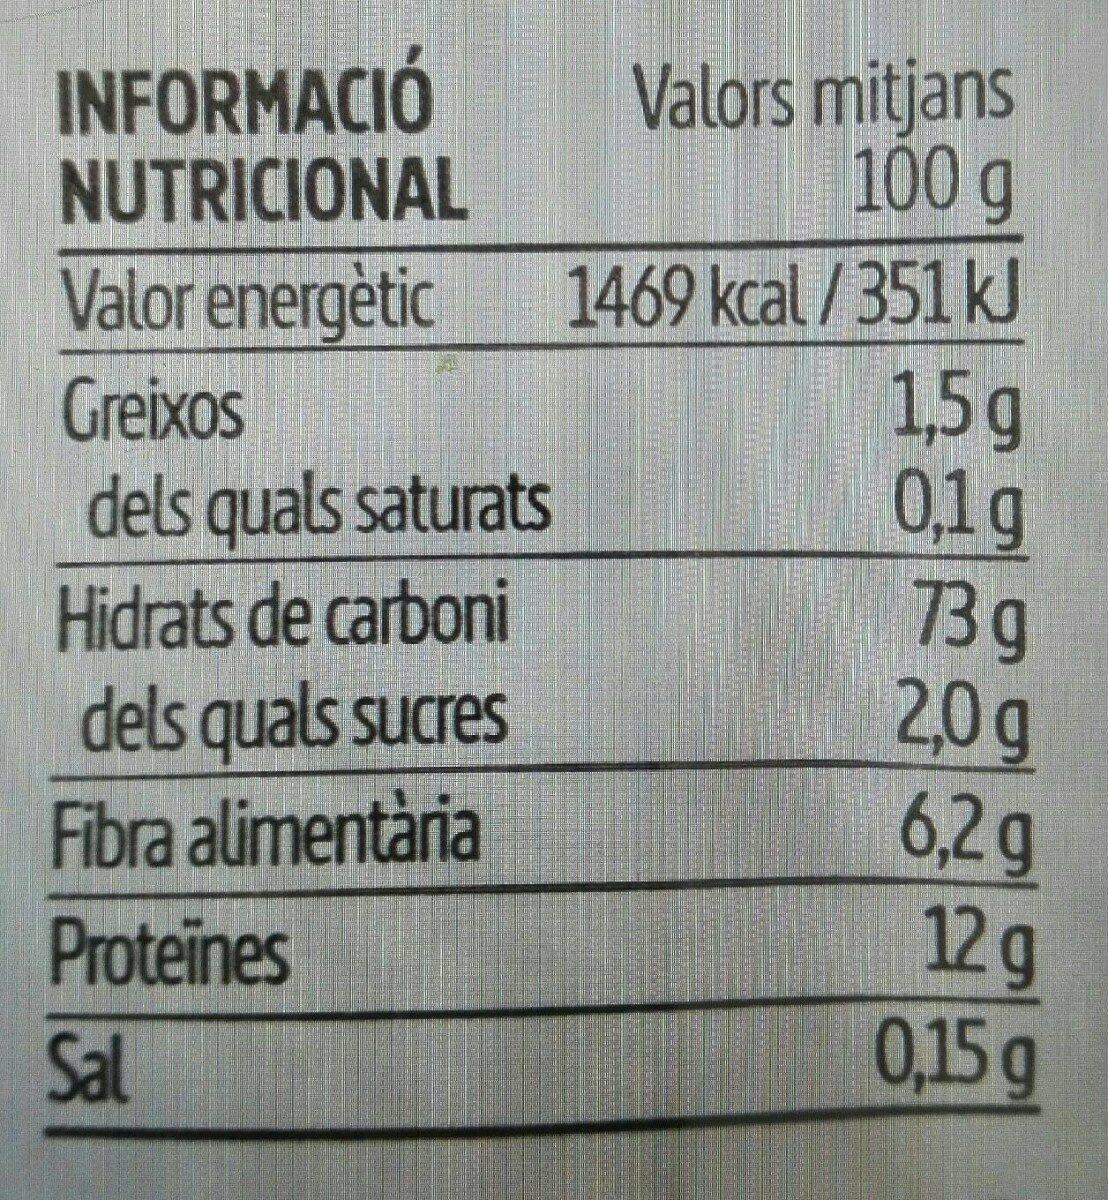 Fideus Integrals - Informations nutritionnelles